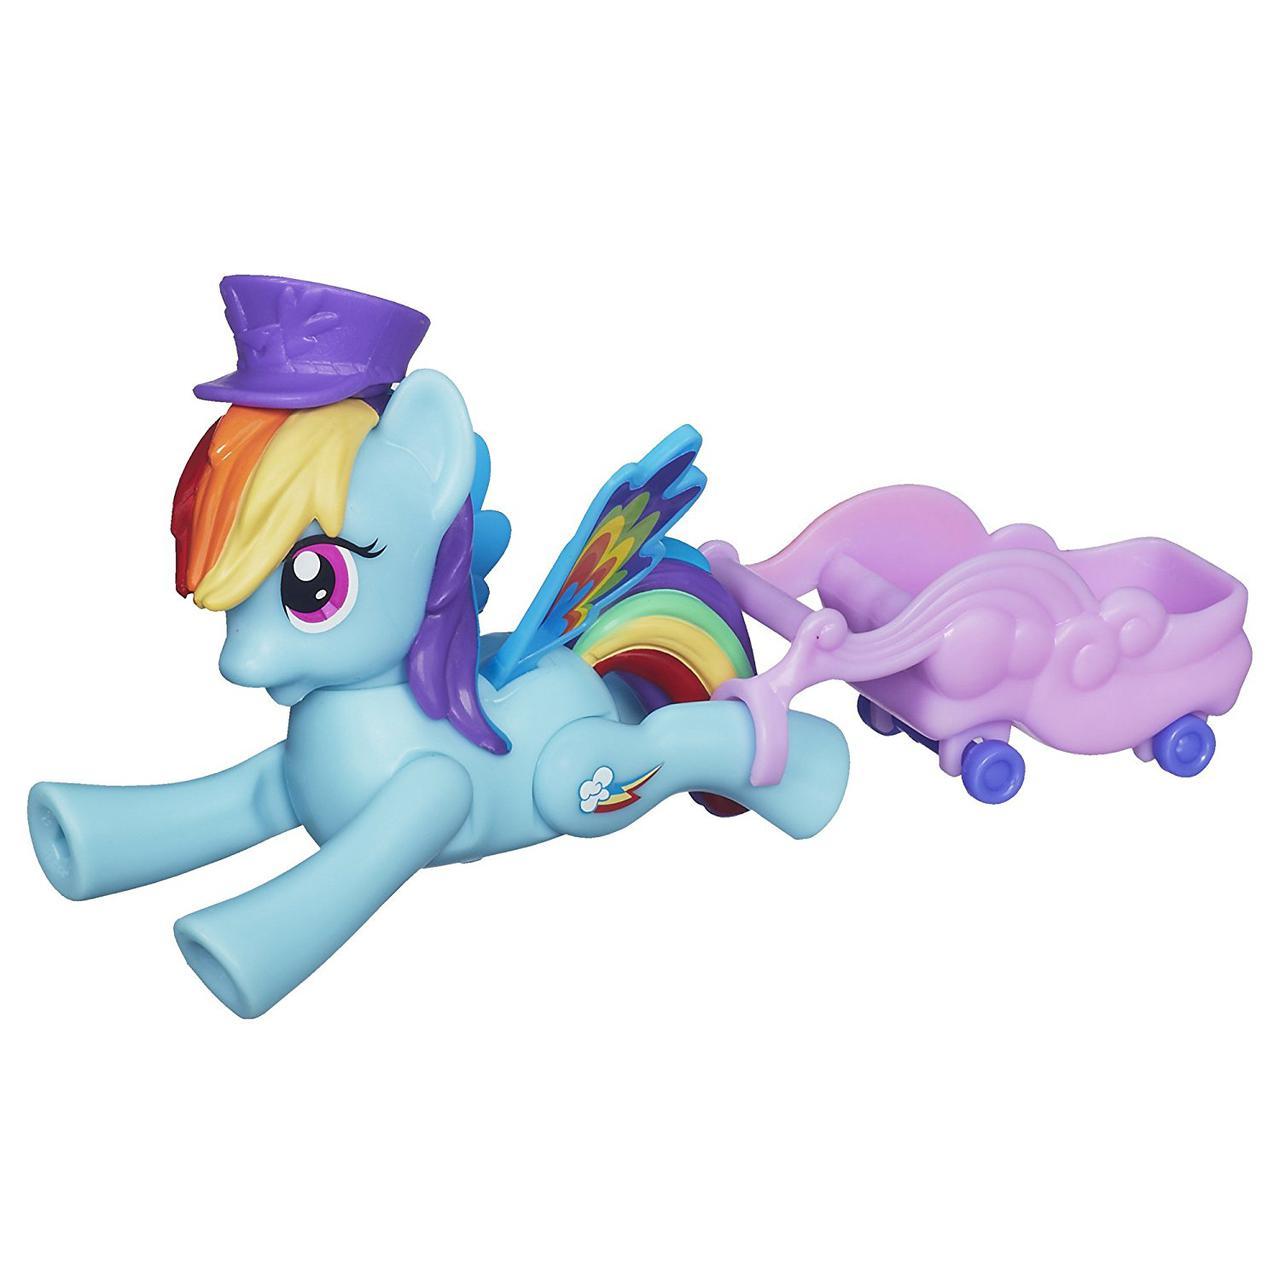 My Little Ponyиз серииЛетающие пони Rainbow DashZoom n Go